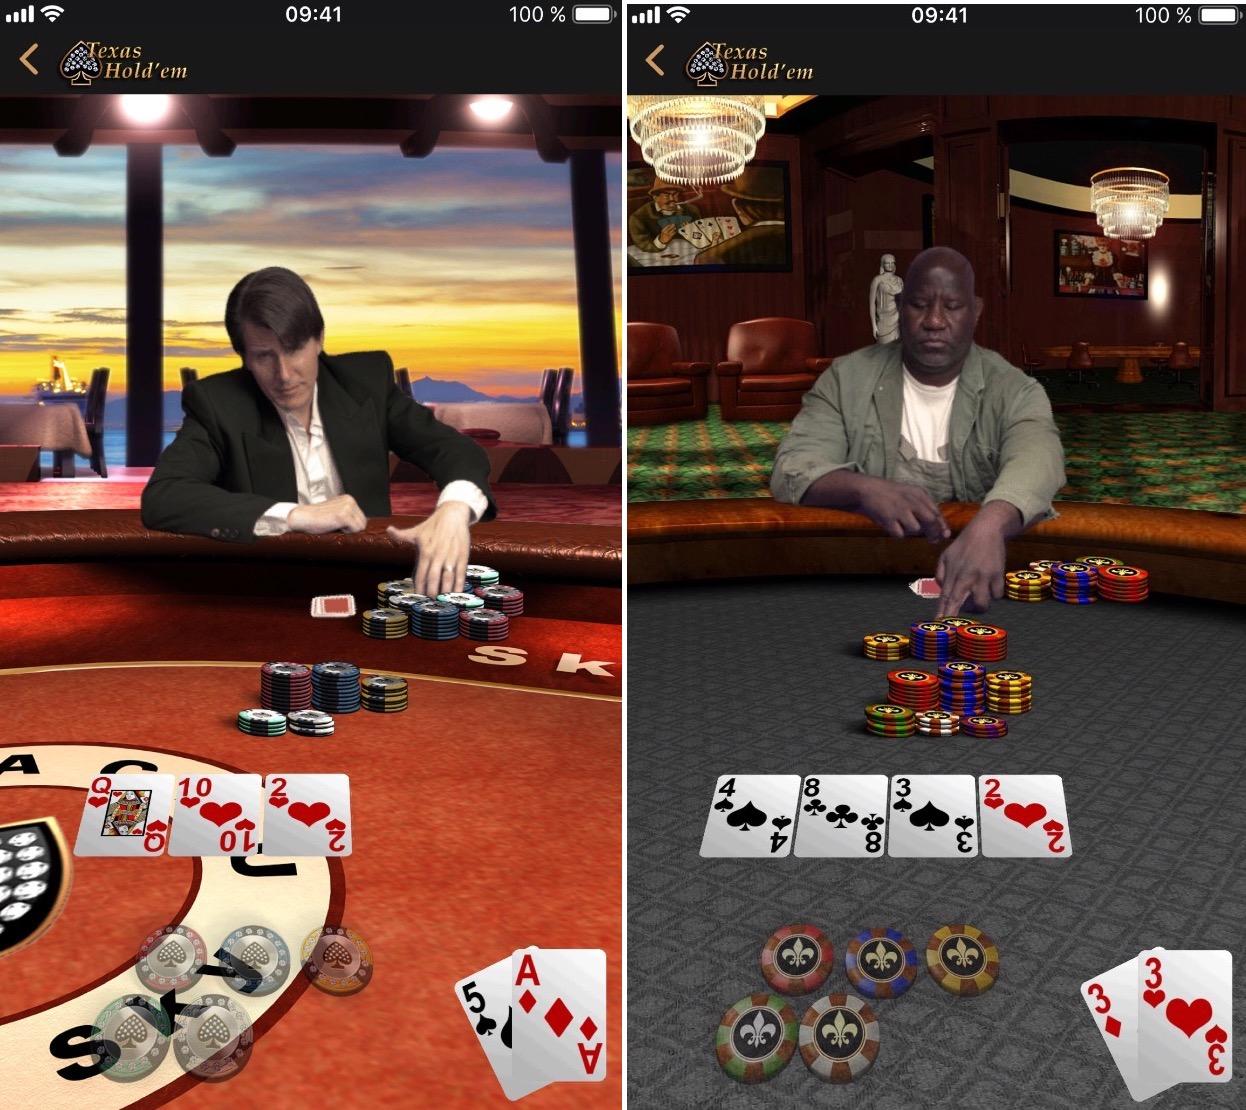 Historique: Apple met à jour son seul jeu iOS, Texas Hold'em (màj) 2